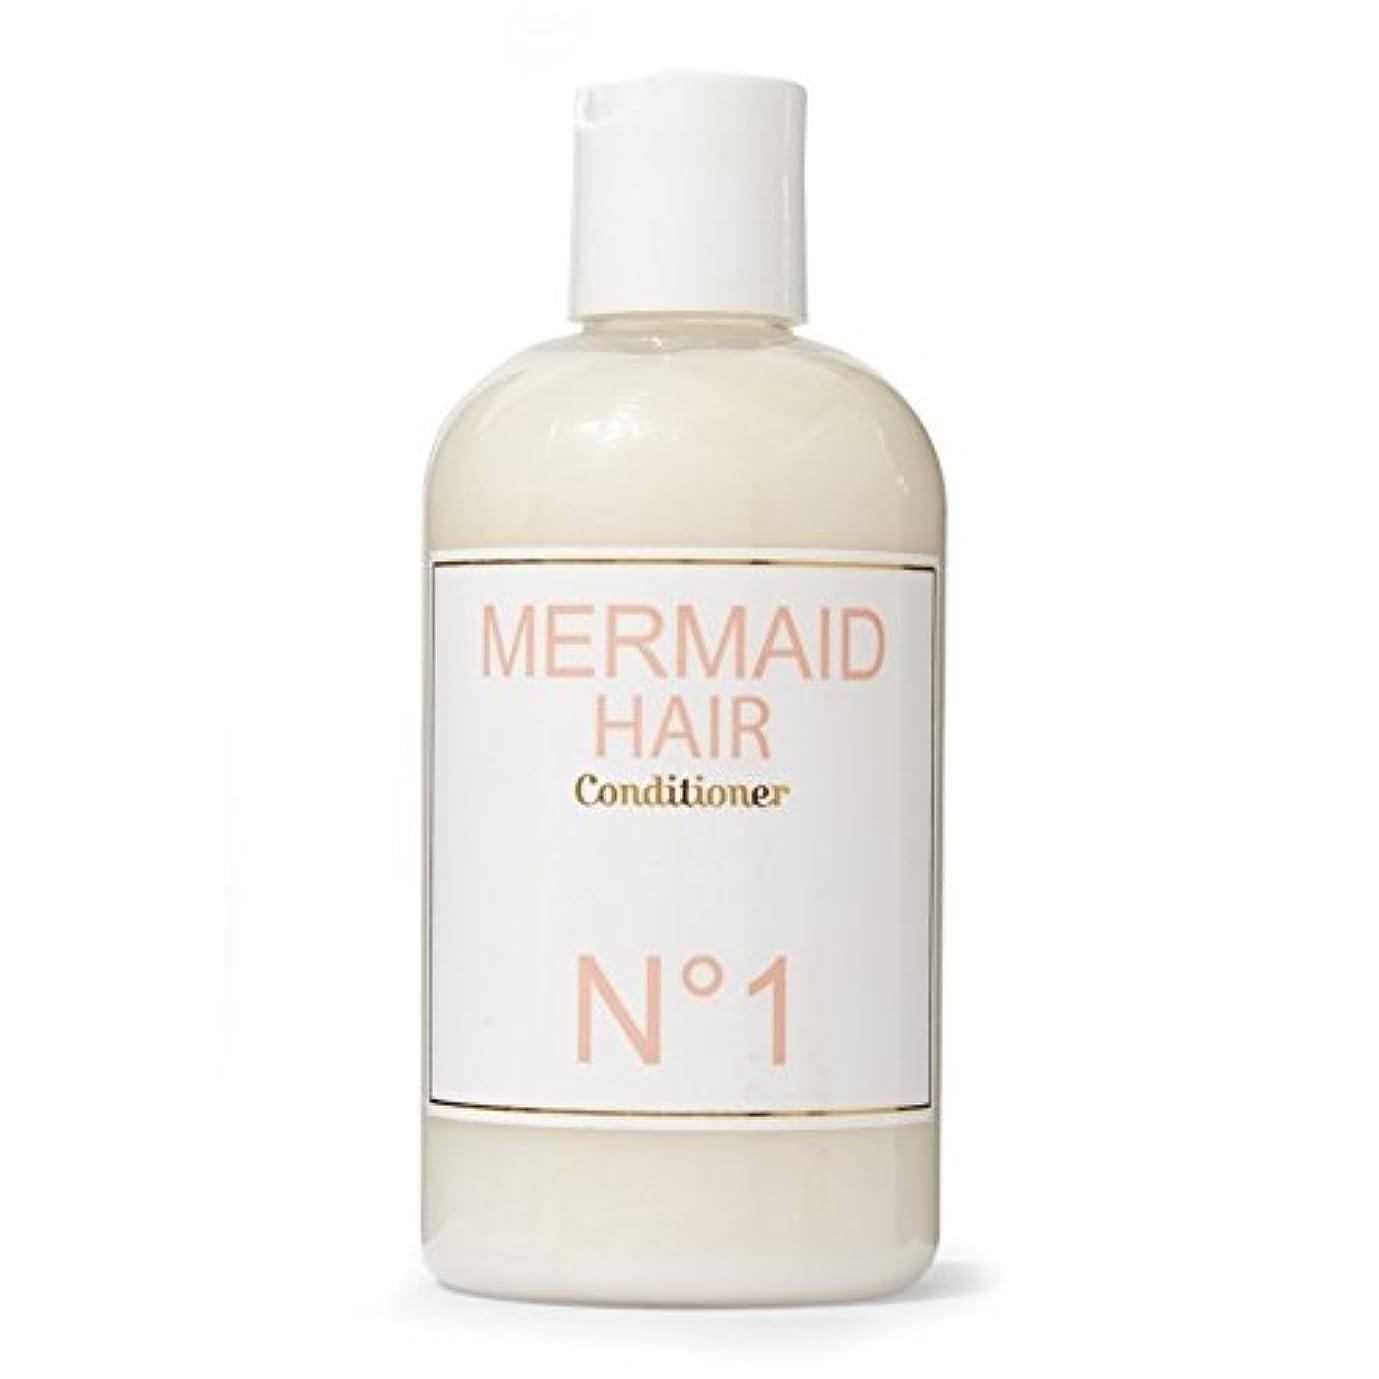 統合アナニバー離れたMermaid Perfume Mermaid Conditioner 300ml (Pack of 6) - 人魚香水人魚コンディショナー300ミリリットル x6 [並行輸入品]